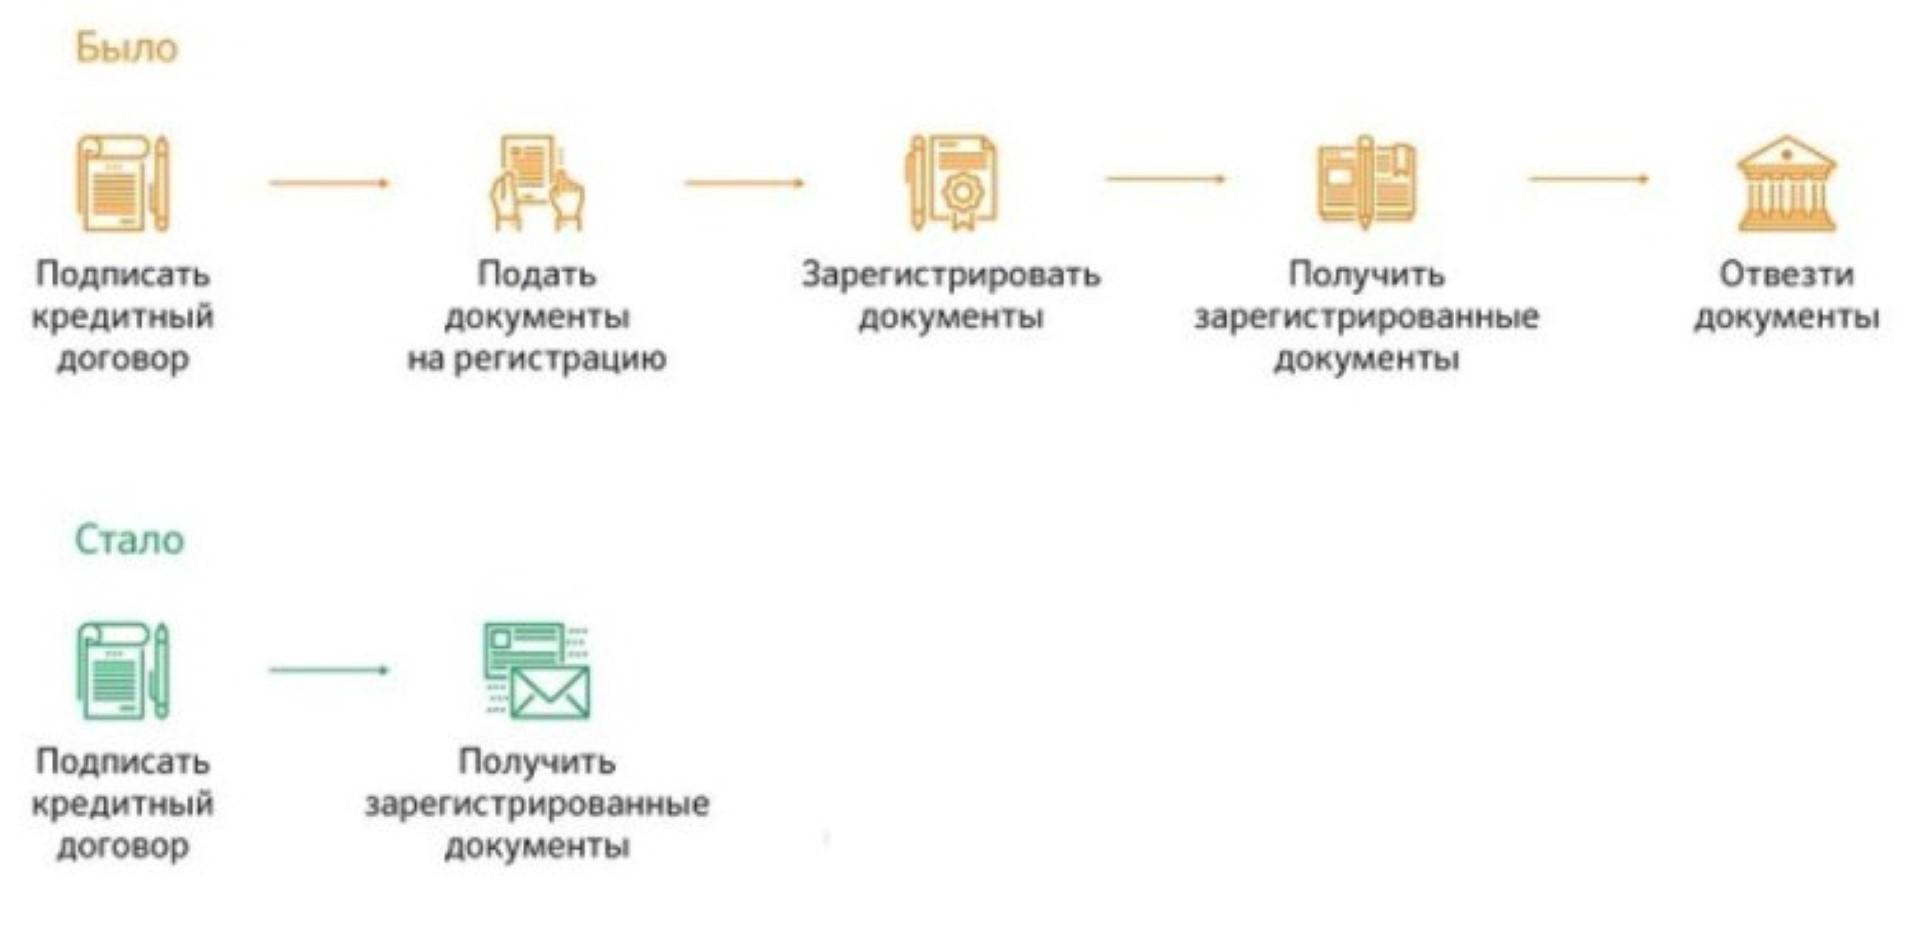 Изображение - Порядок оформления квартиры в собственность при ипотеке Etapy-registratsii-sobstvennosti-na-ipotechnuyu-kvartiru.